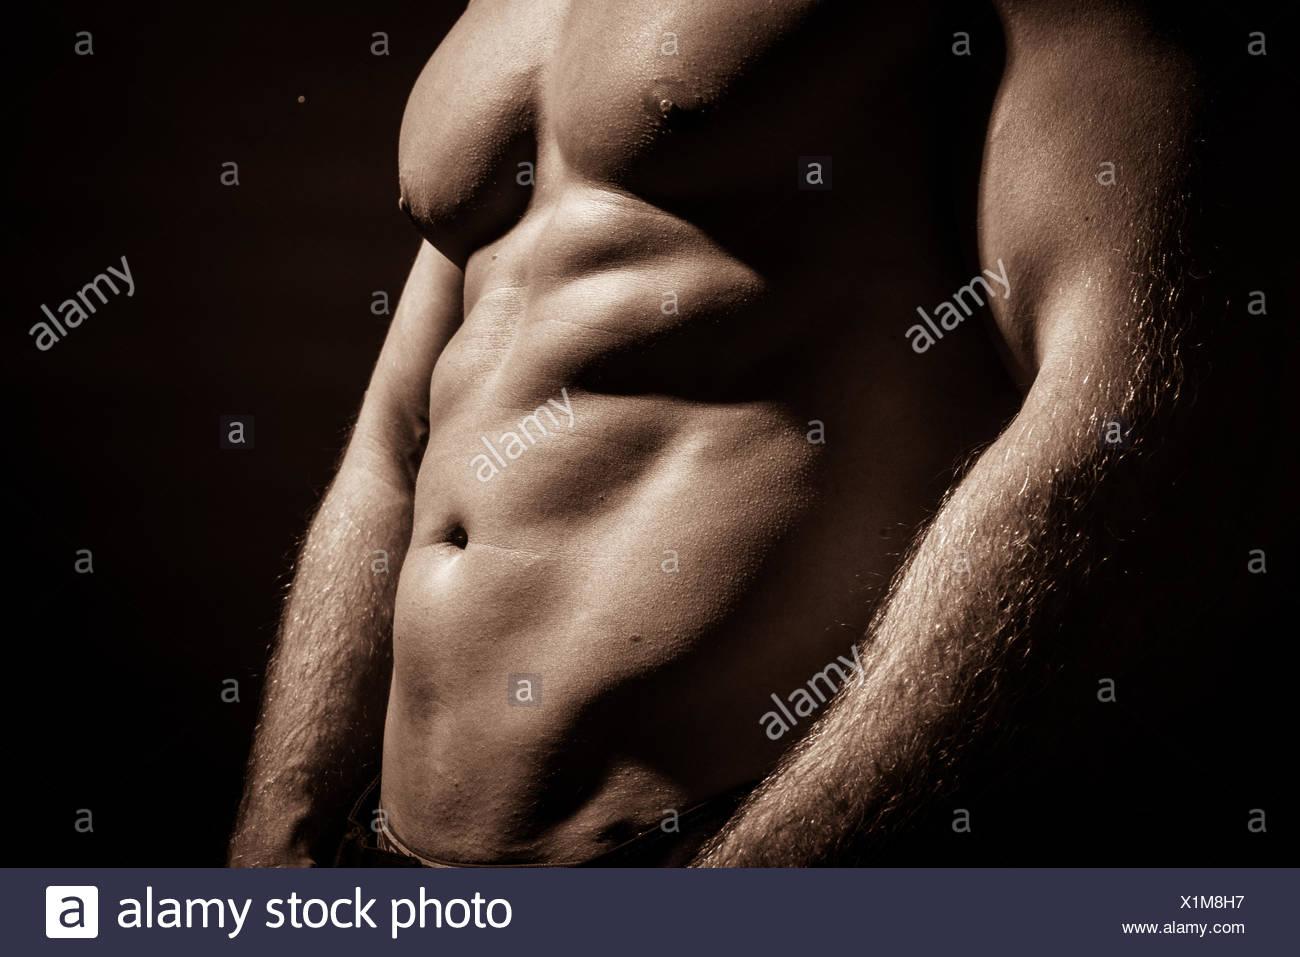 Au milieu du torse nu musclé homme debout sur fond noir Photo Stock